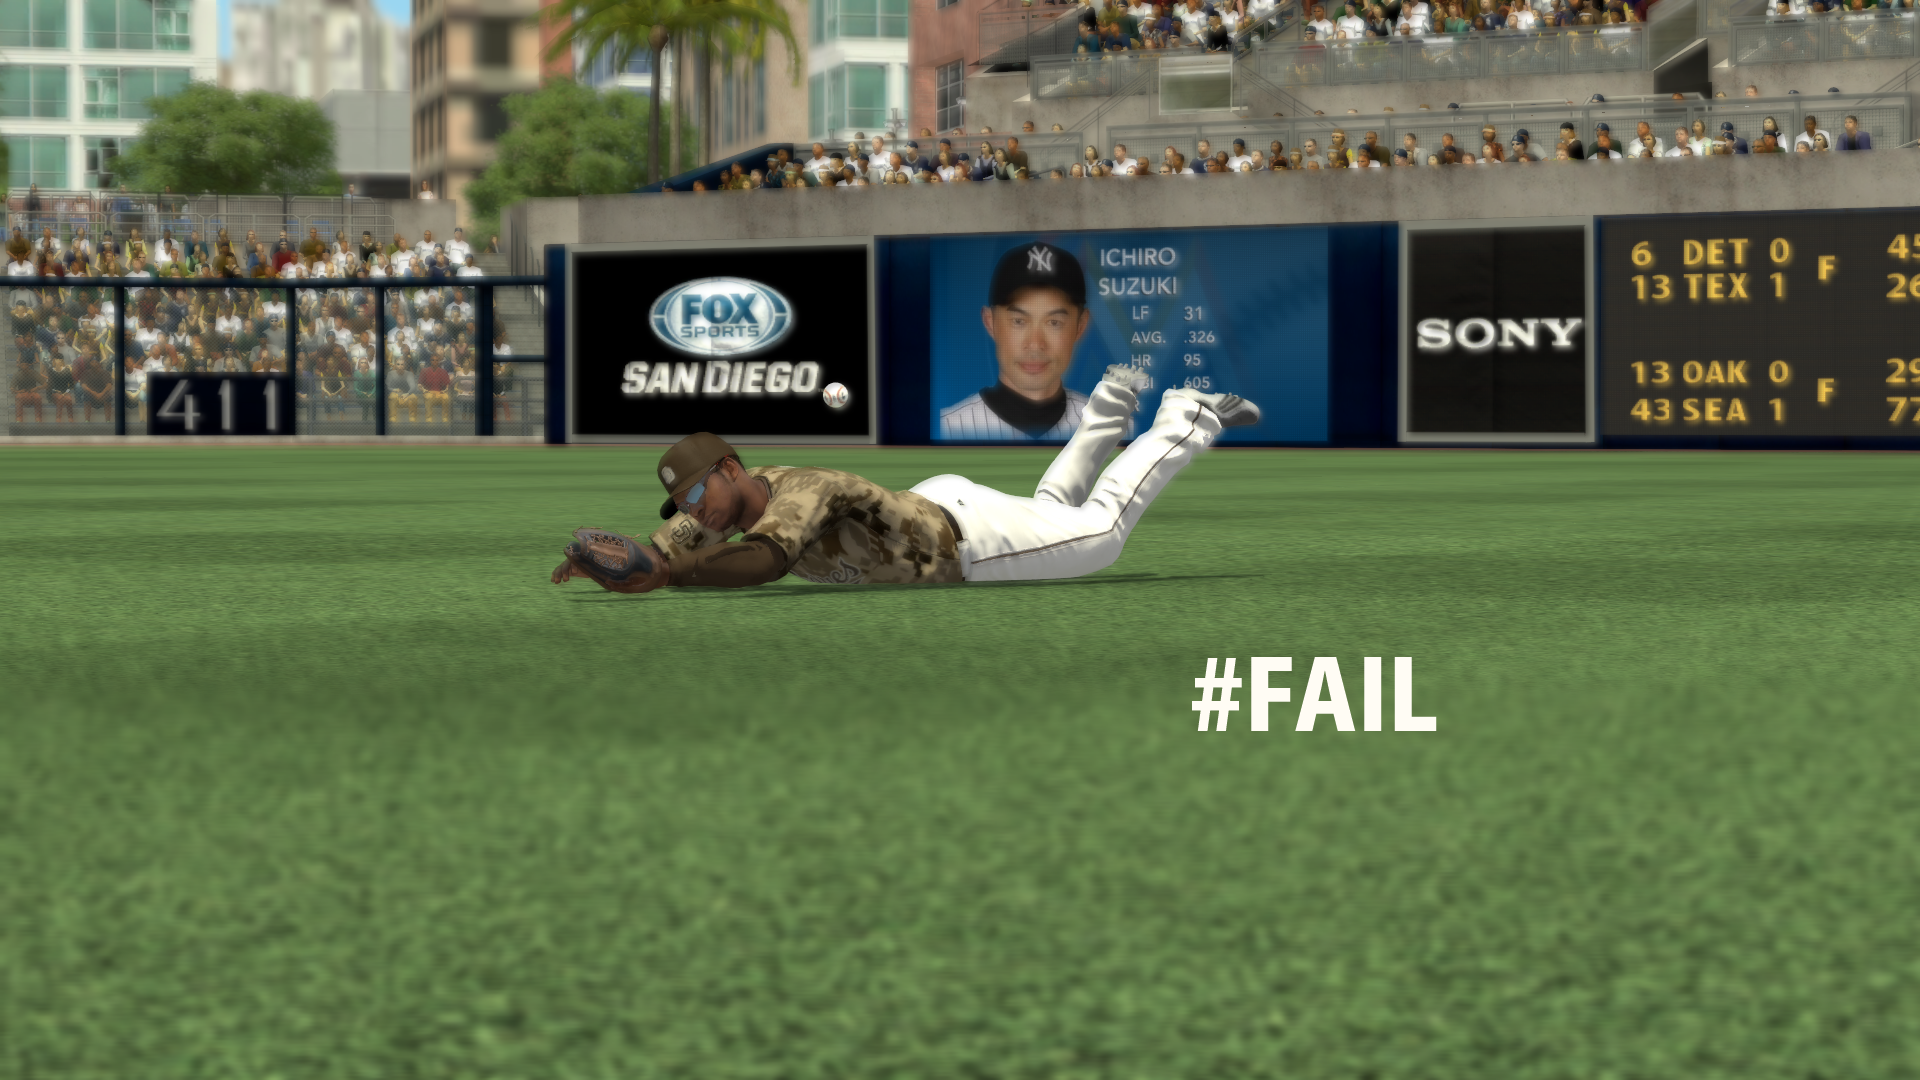 Petco Park 2015 - San Diego Padres